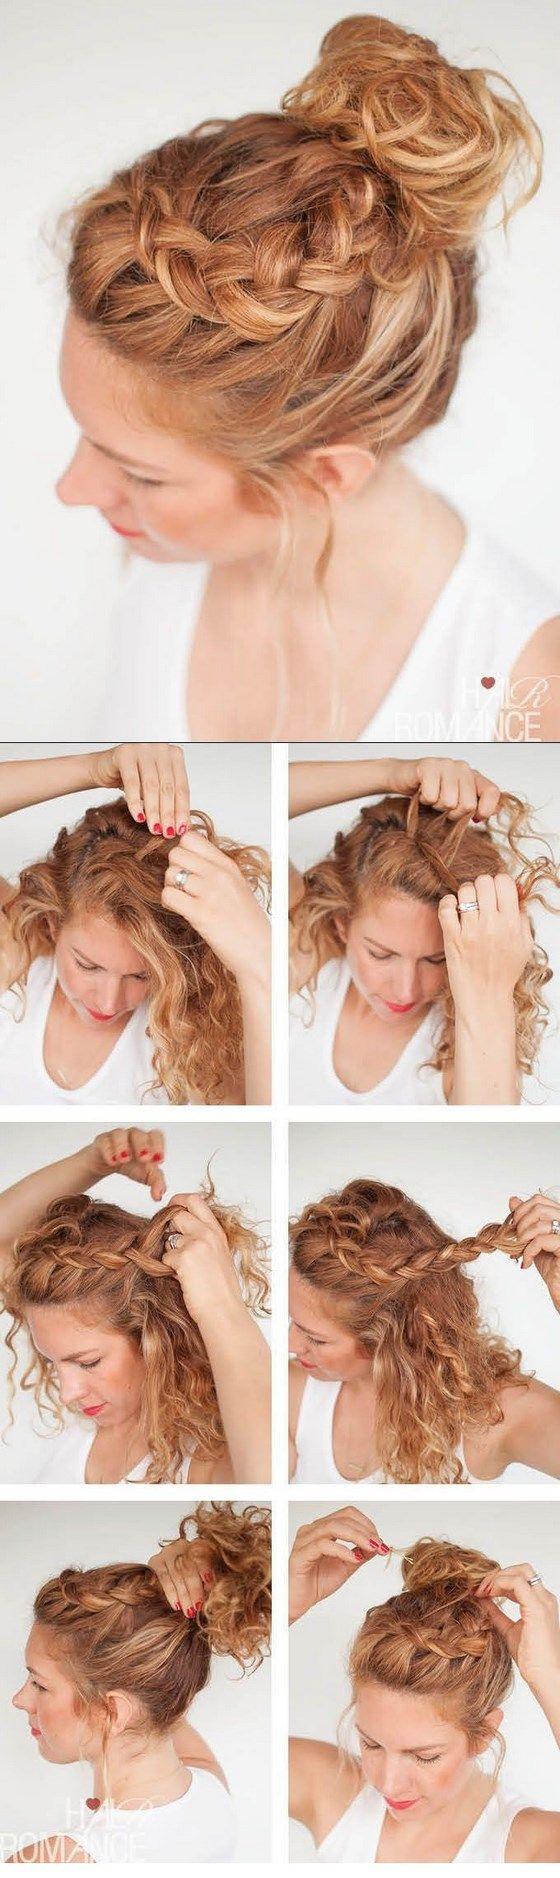 peinado para cabello crespo recogido